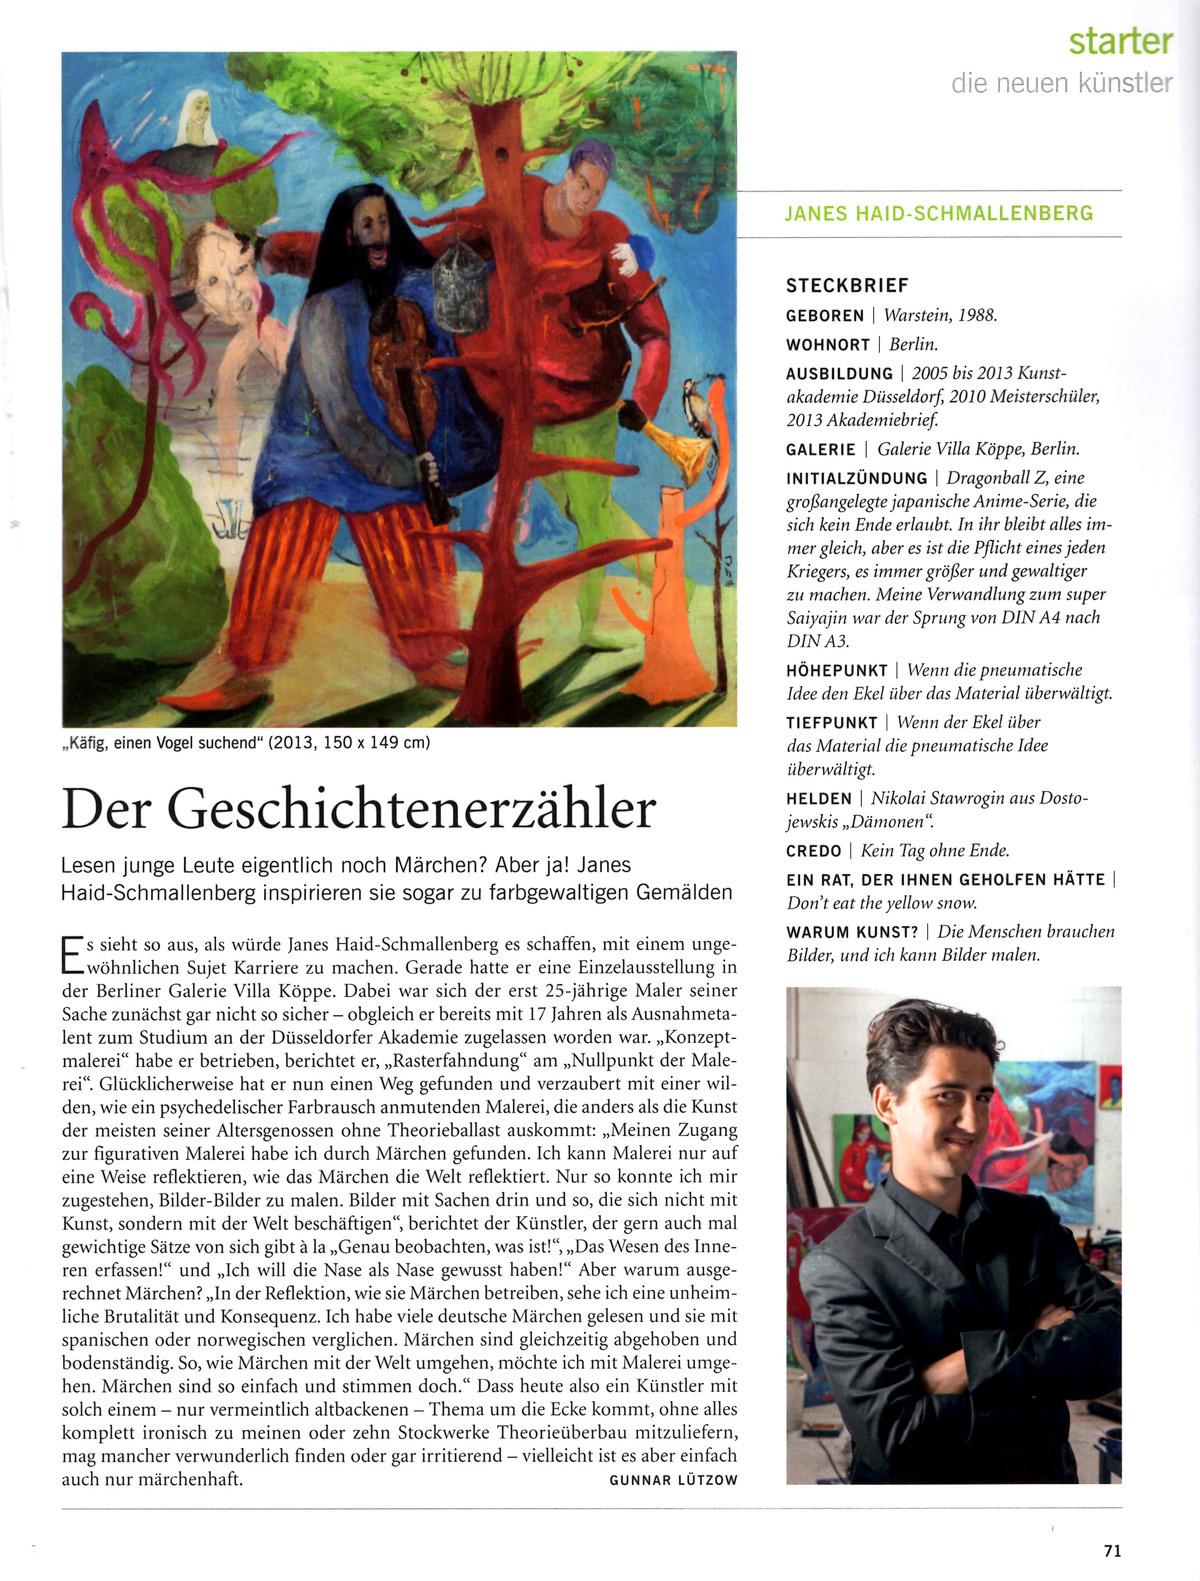 Janes Haid Schmallenberg in art - das Kunstmagazin